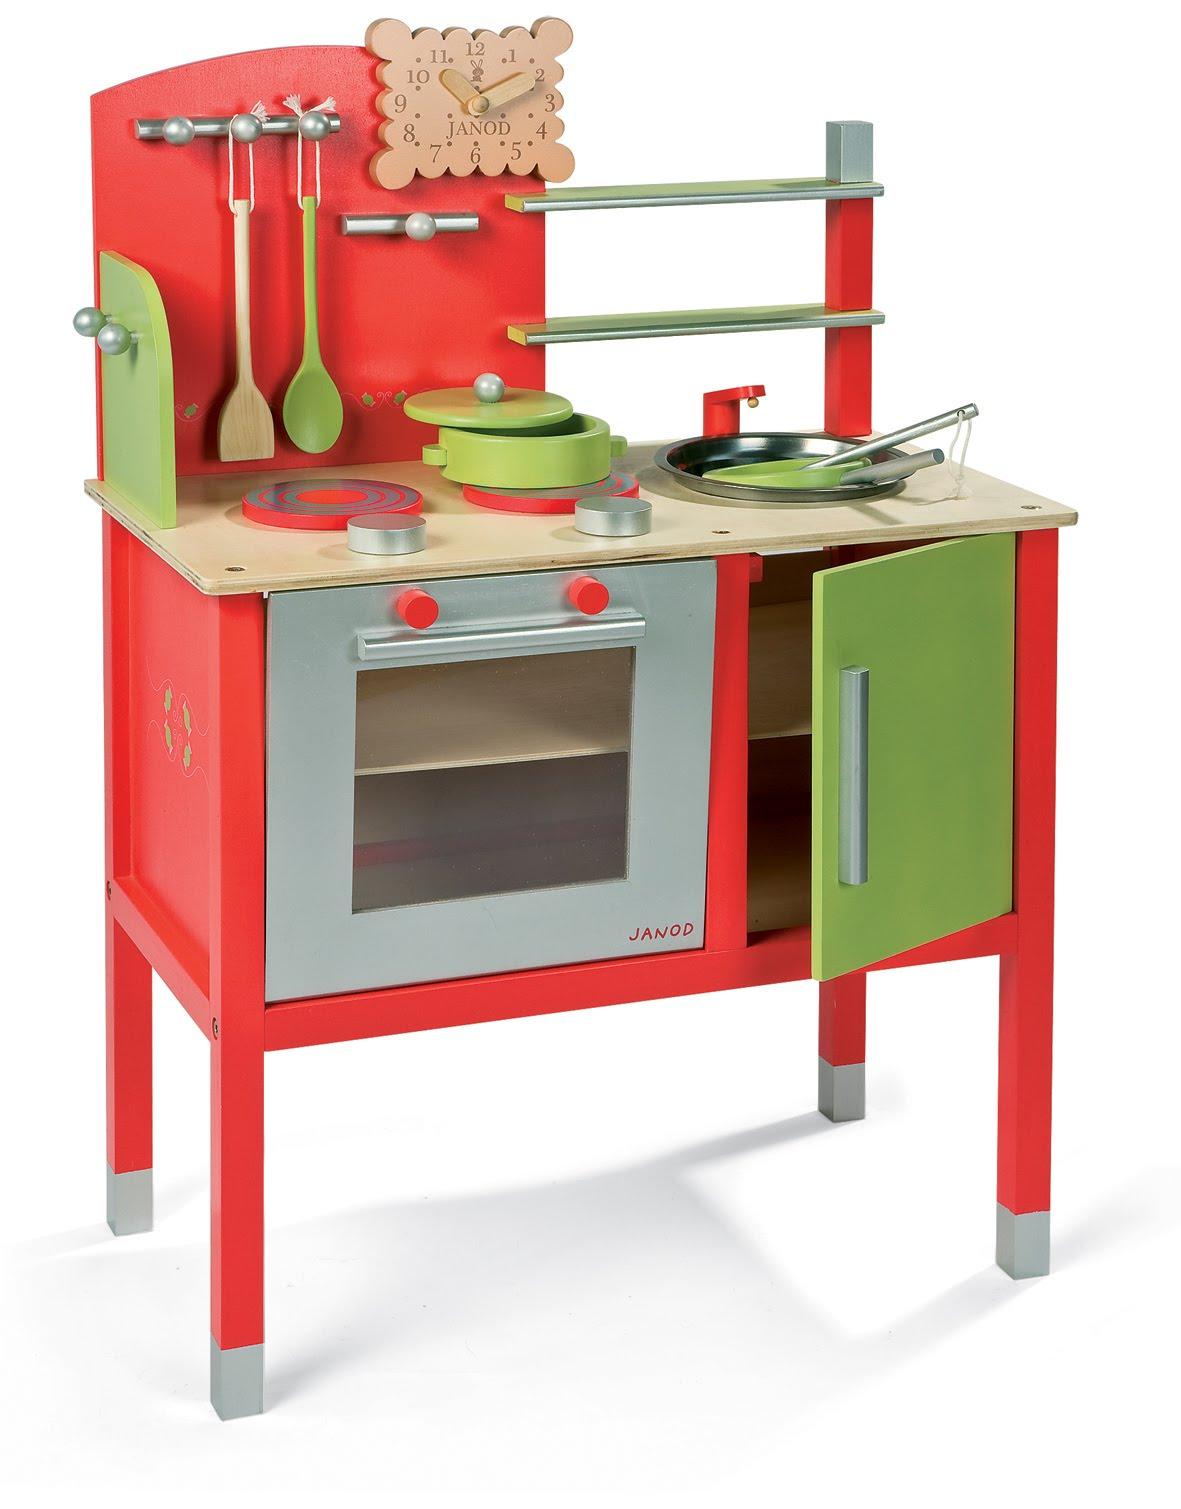 holzspielland-blog: spielküche maxi cuisine von janod